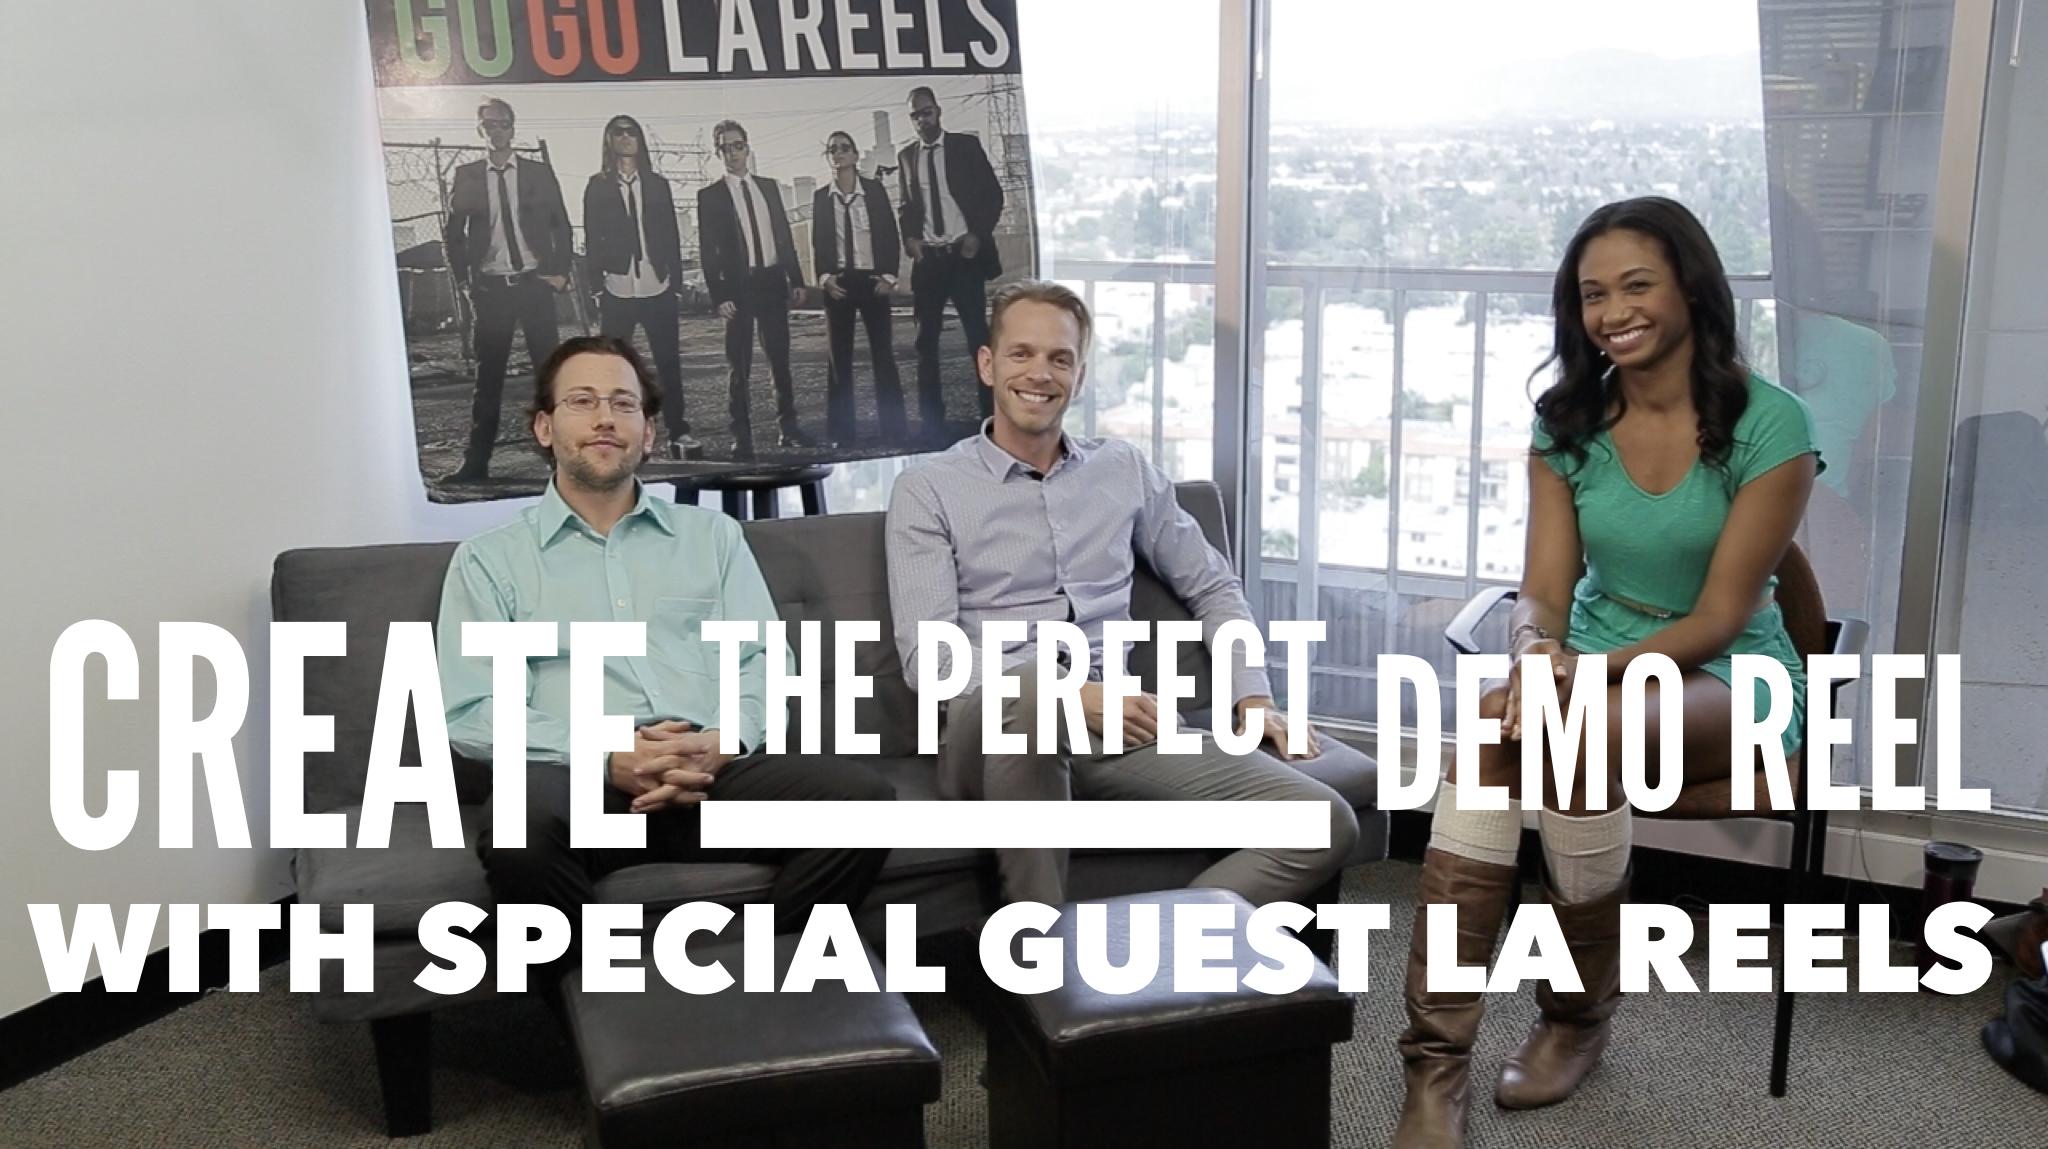 Create The Perfect Demo Reel (with Guest Speakers from LA Reels!) | Workshop Guru